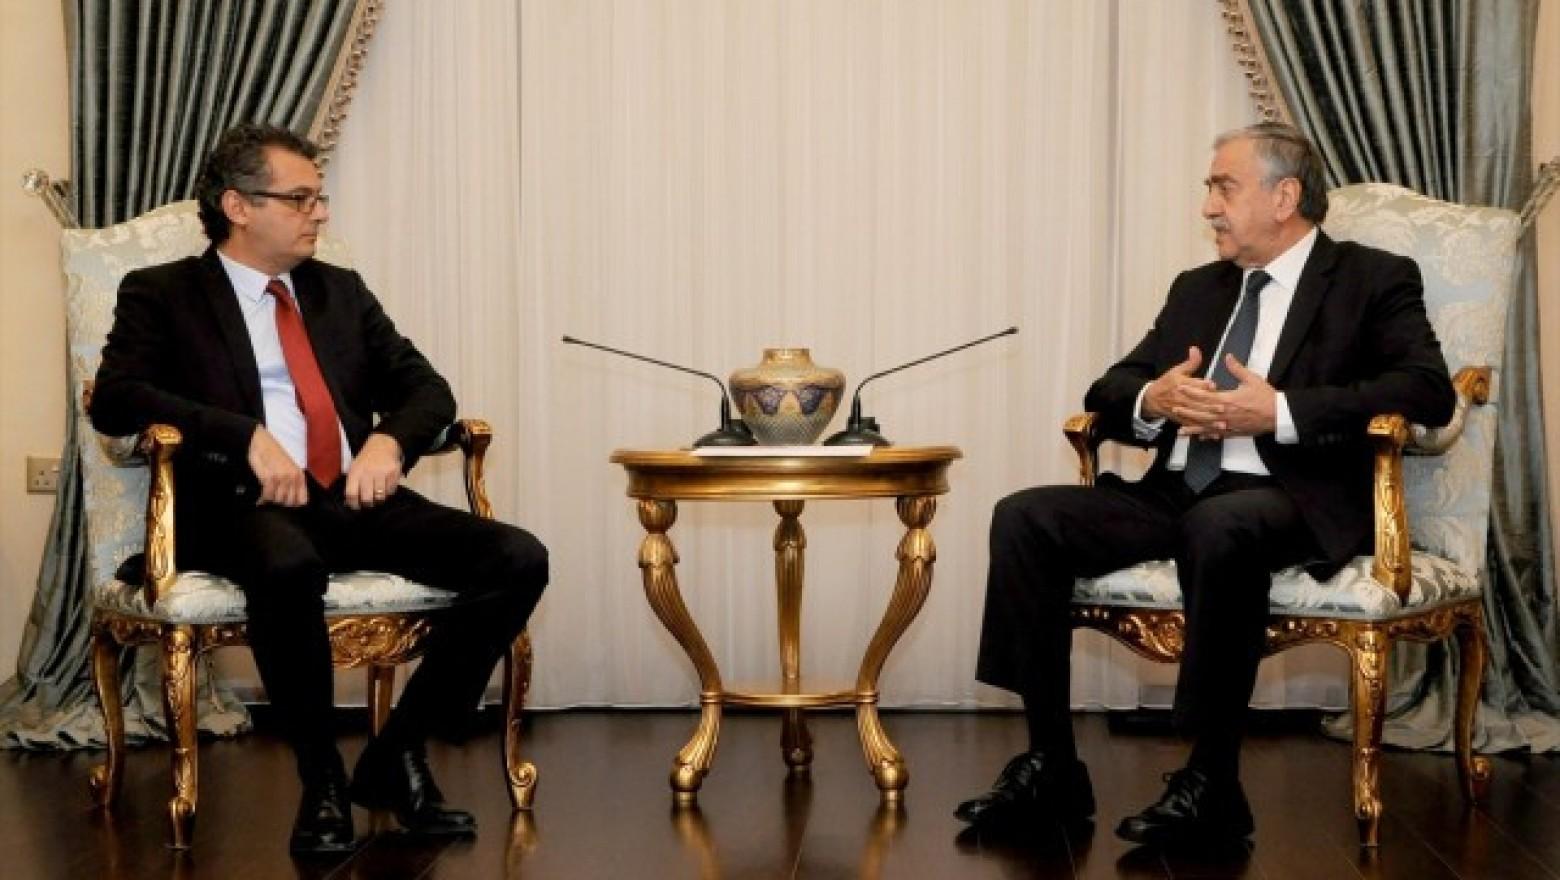 Kıbrıs sorunu ve İç gelişmeler değerlendirildi